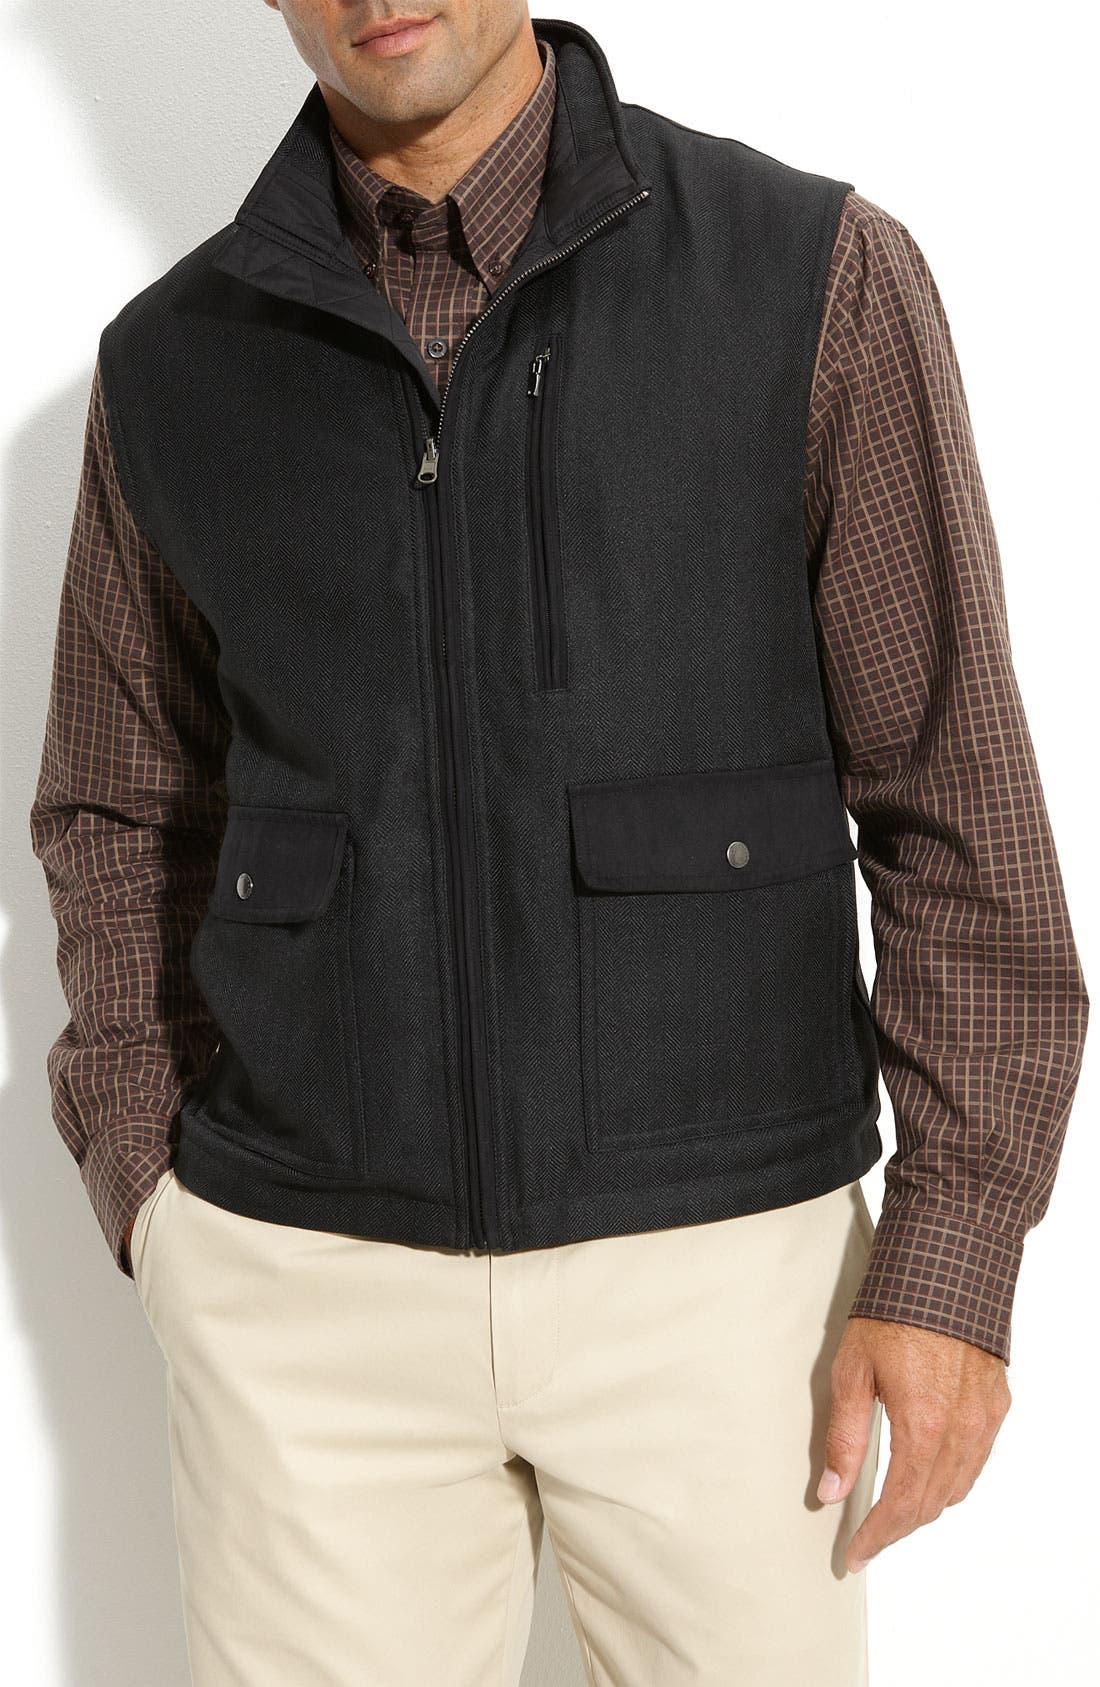 Alternate Image 1 Selected - Cutter & Buck 'Bearsden' Reversible Vest